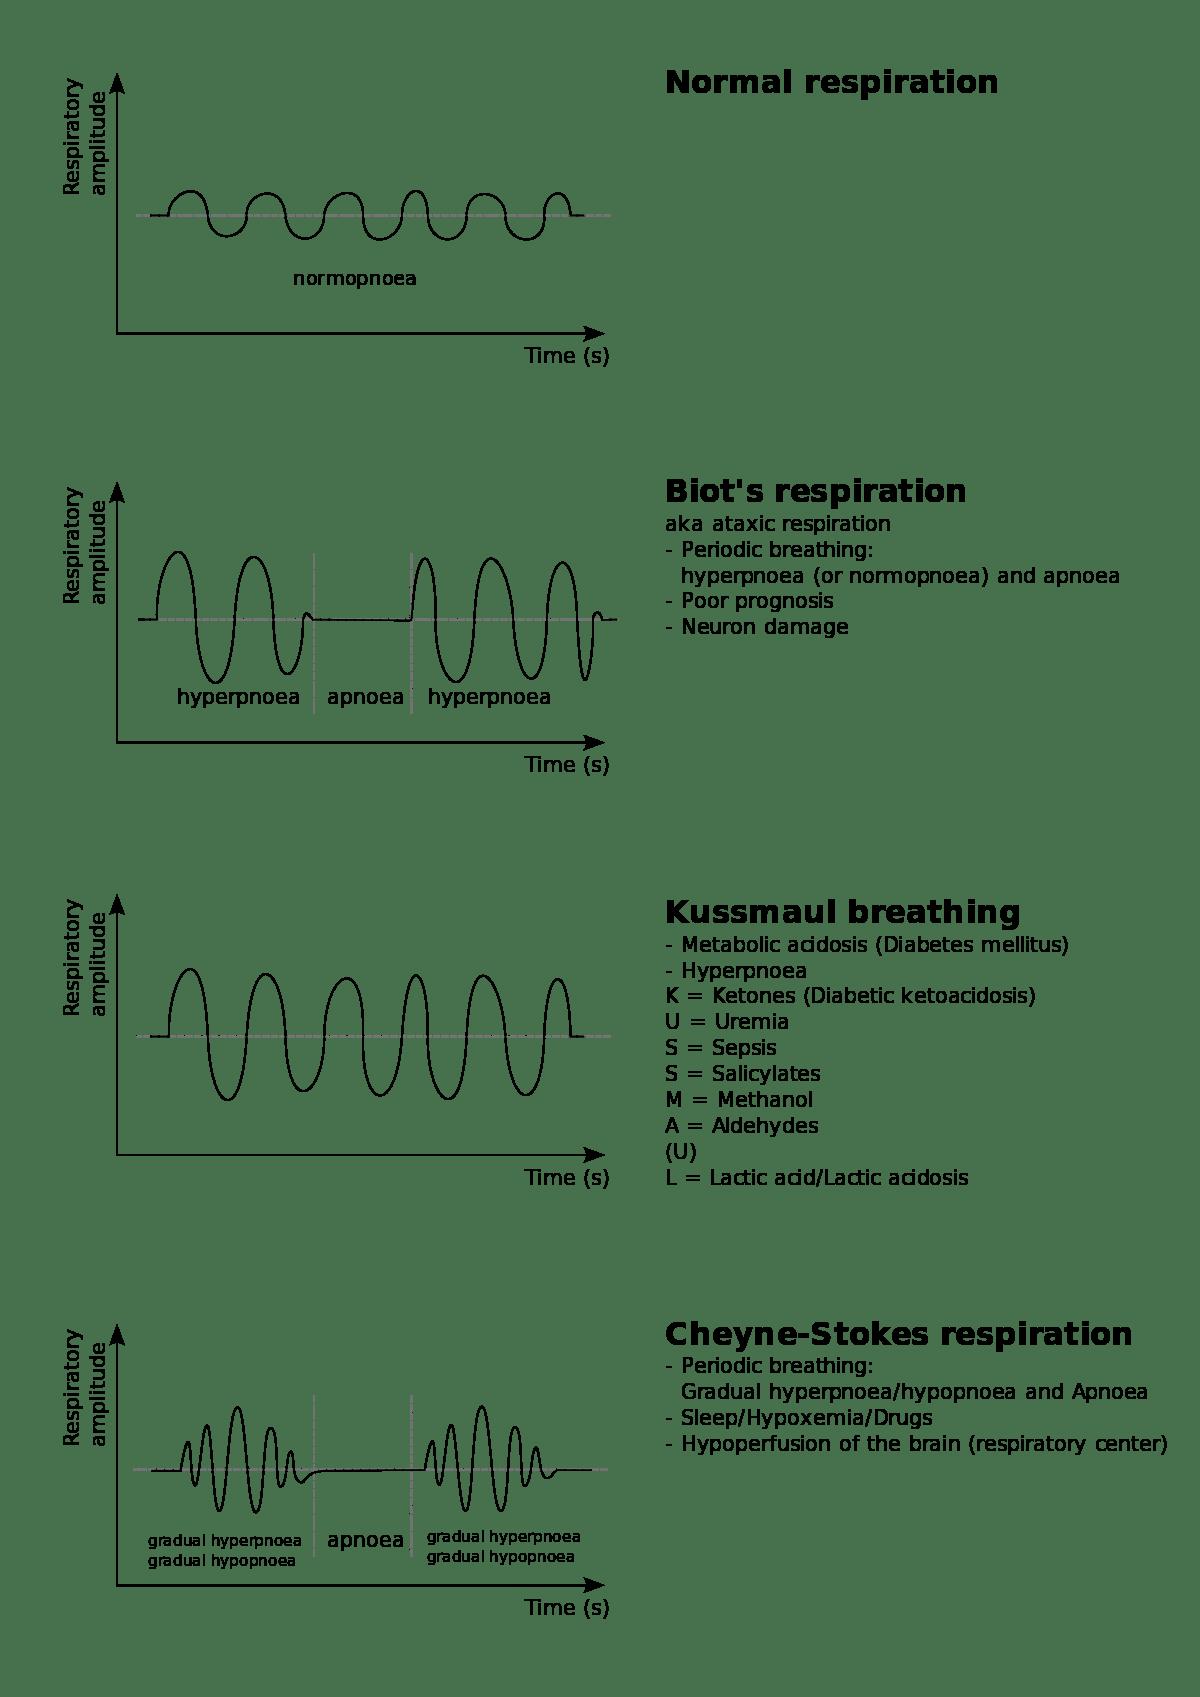 Патологии дыхания в сравнении с нормой (вверху)